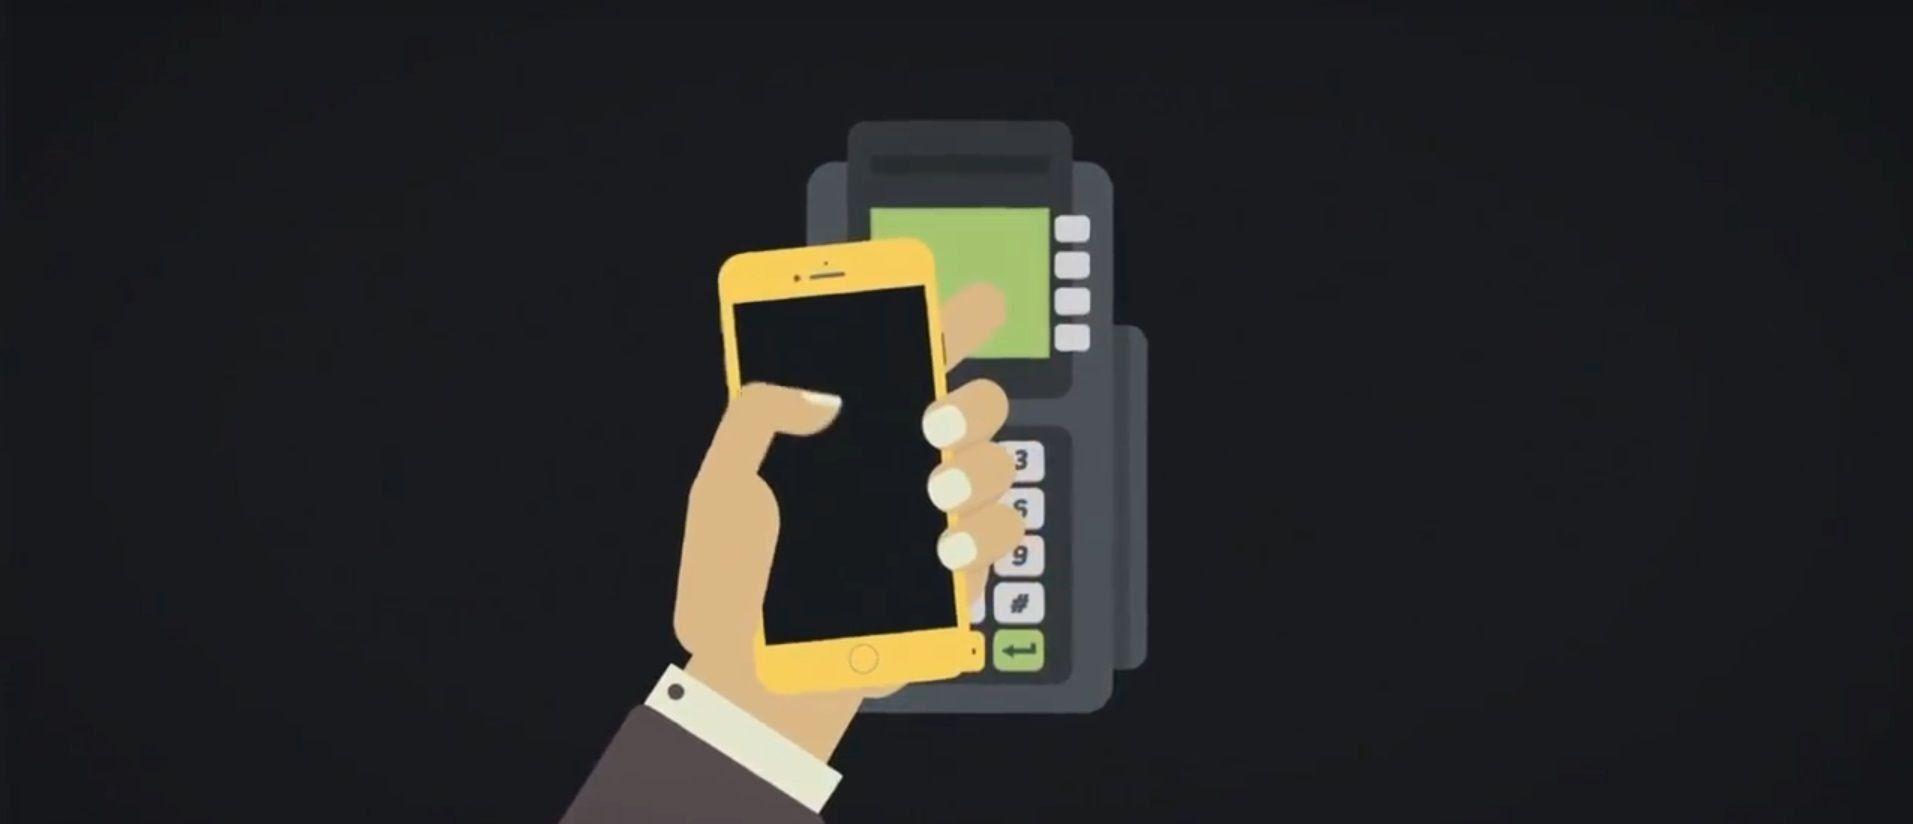 Безопасна ли NFC оплата и как ее настроить?